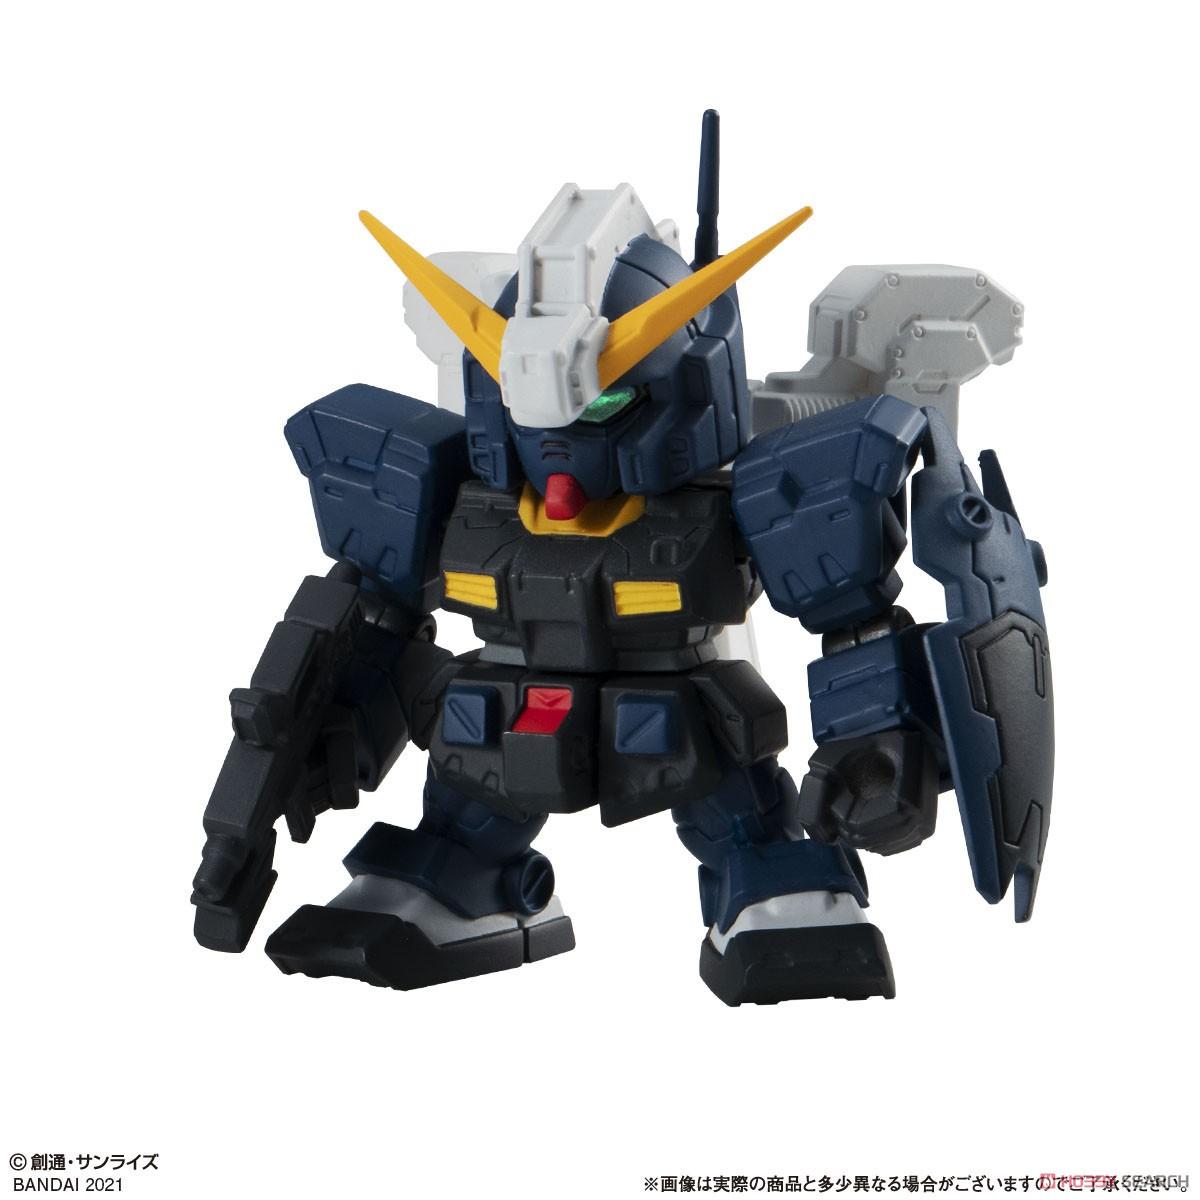 【ガシャポン】機動戦士ガンダム『ガシャポン戦士フォルテ14』12個入りBOX-003